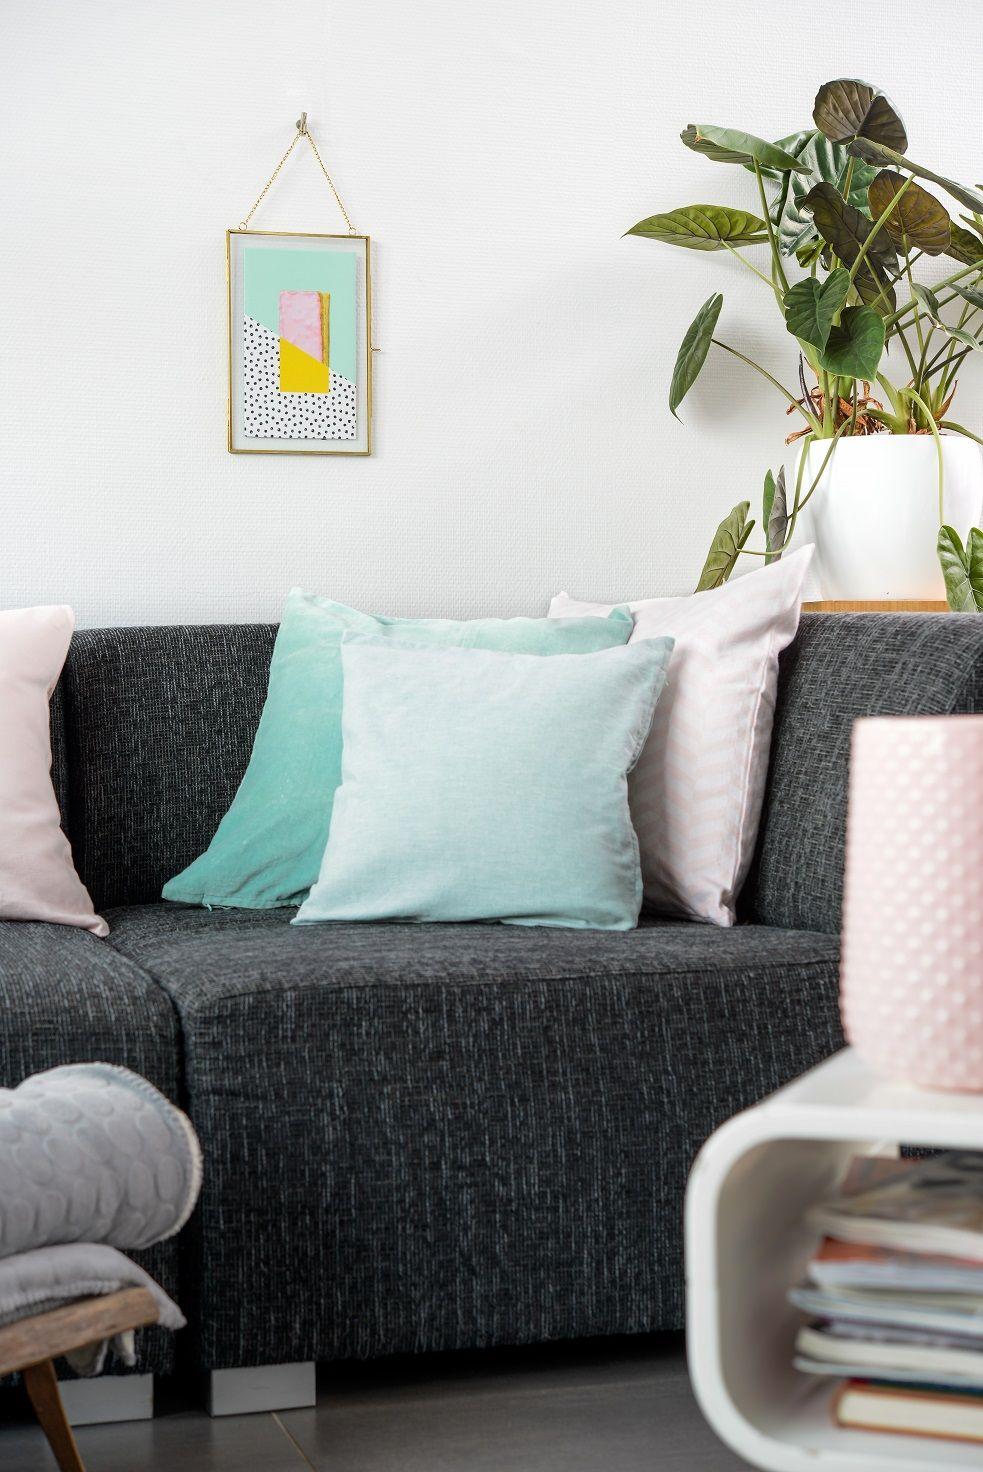 Lichte kleuren geven een fijne, rustige uitstraling aan je interieur ...